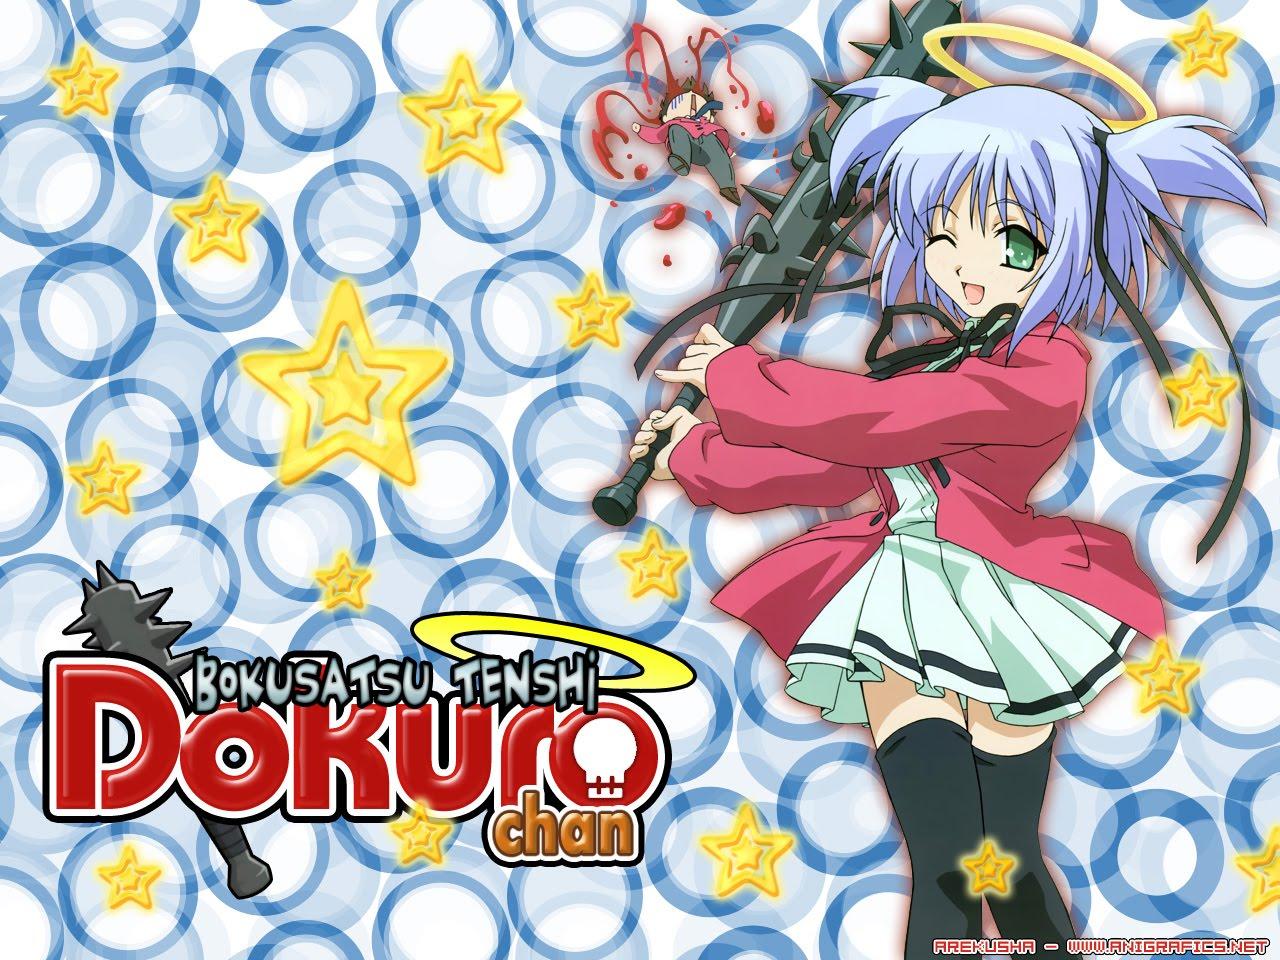 30 Days of Anime Bokusatsu+Tenshi+Dokuro+Chan+anime